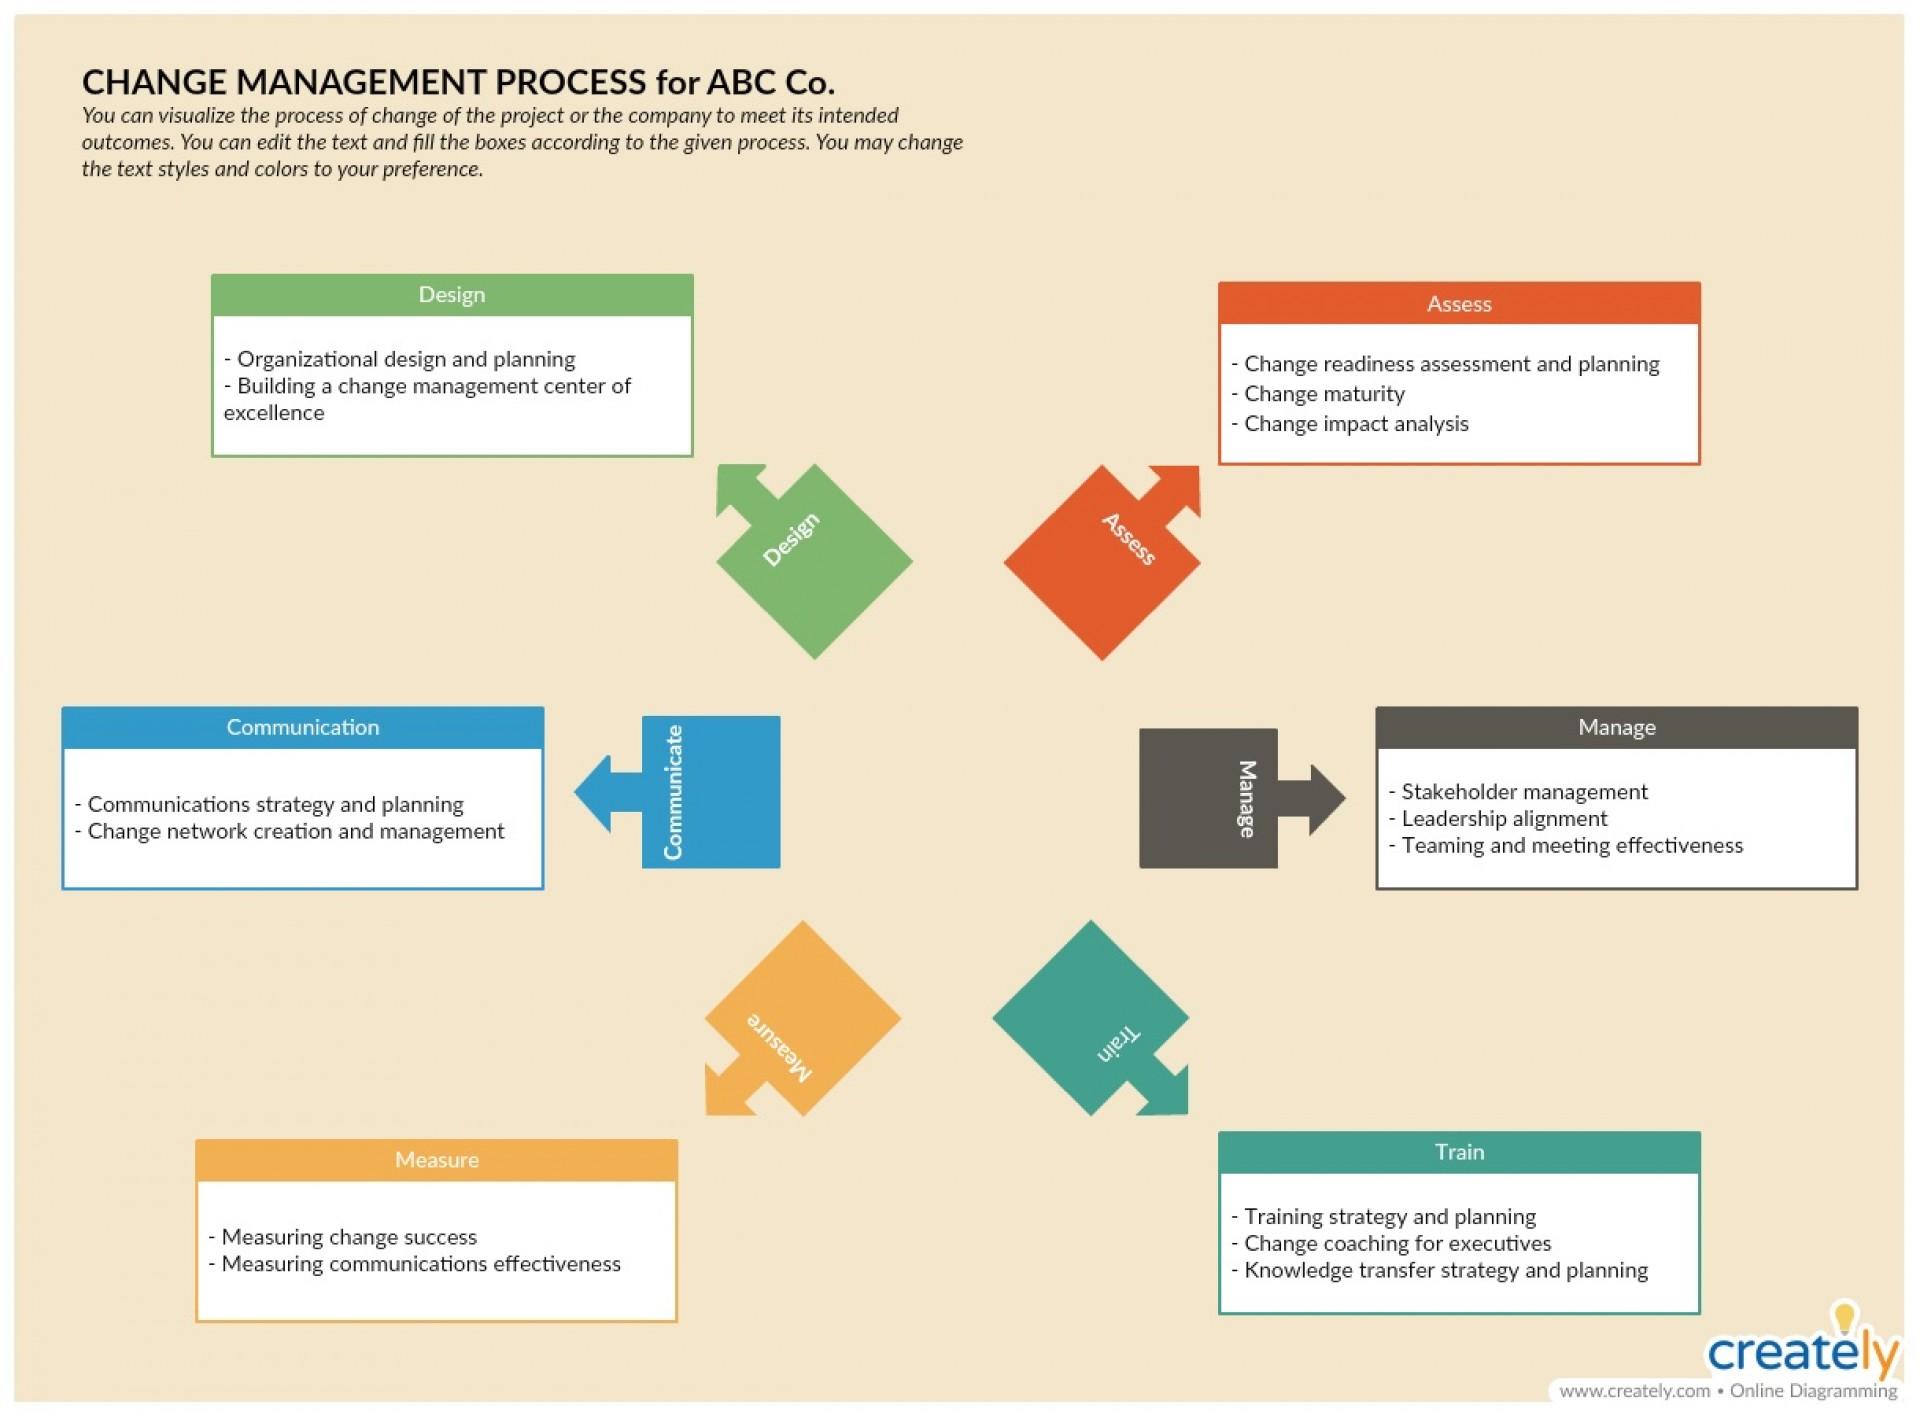 004 Wonderful Change Management Proces Template Concept 1920